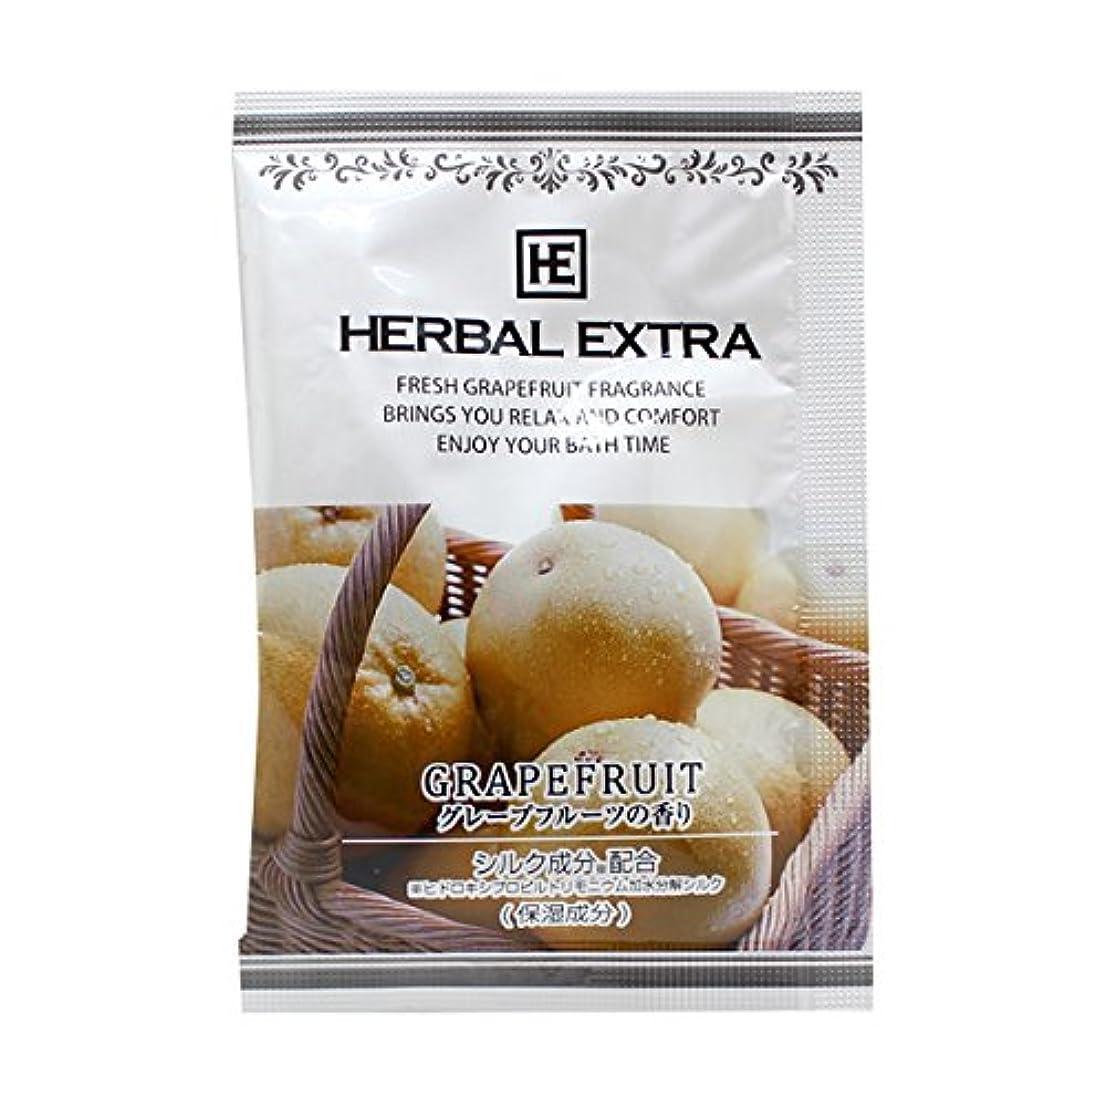 肝抵当フルーツ野菜入浴剤 ハーバルエクストラ「グレープフルーツの香り」30個